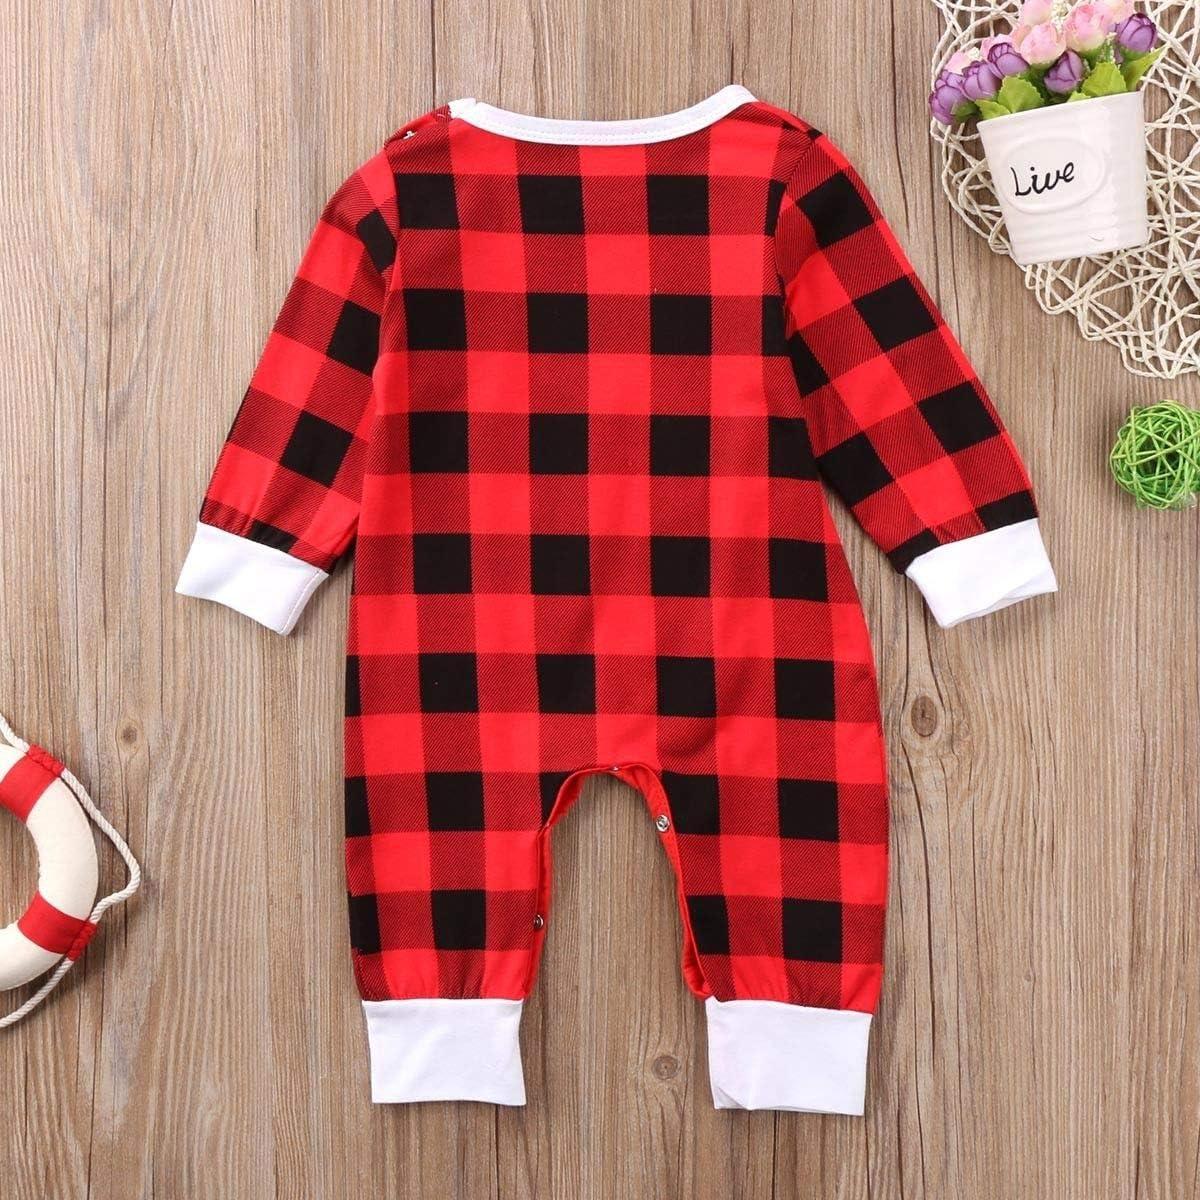 pantalones mameluco a cuadros rojos gorro Conjunto de ropa de beb/é reci/én nacido para ni/ño y ni/ña diadema